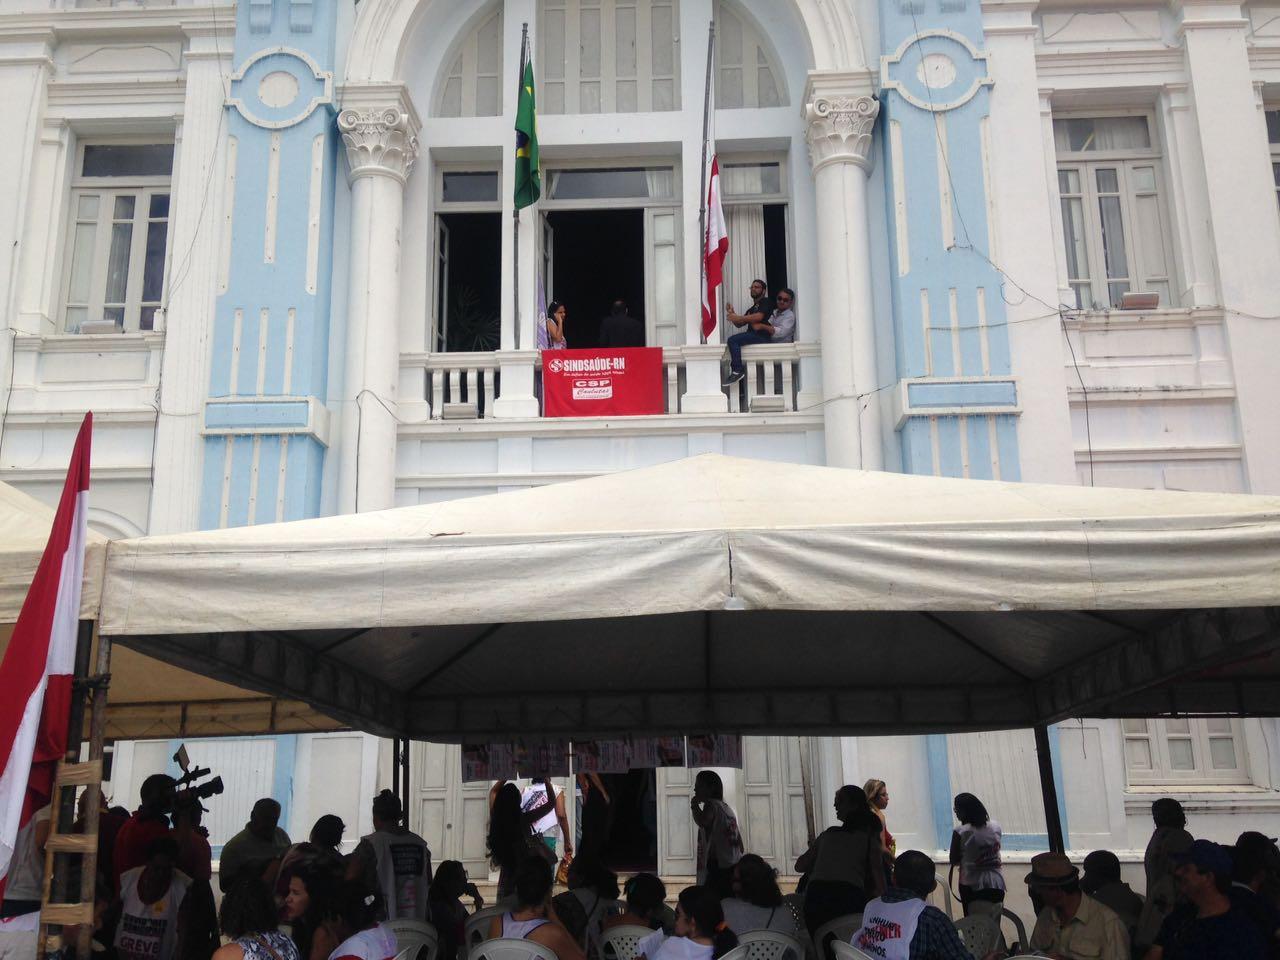 Grupo fixou bandeira do Sindsaúde na sacada de varanda na sede da Prefeitura